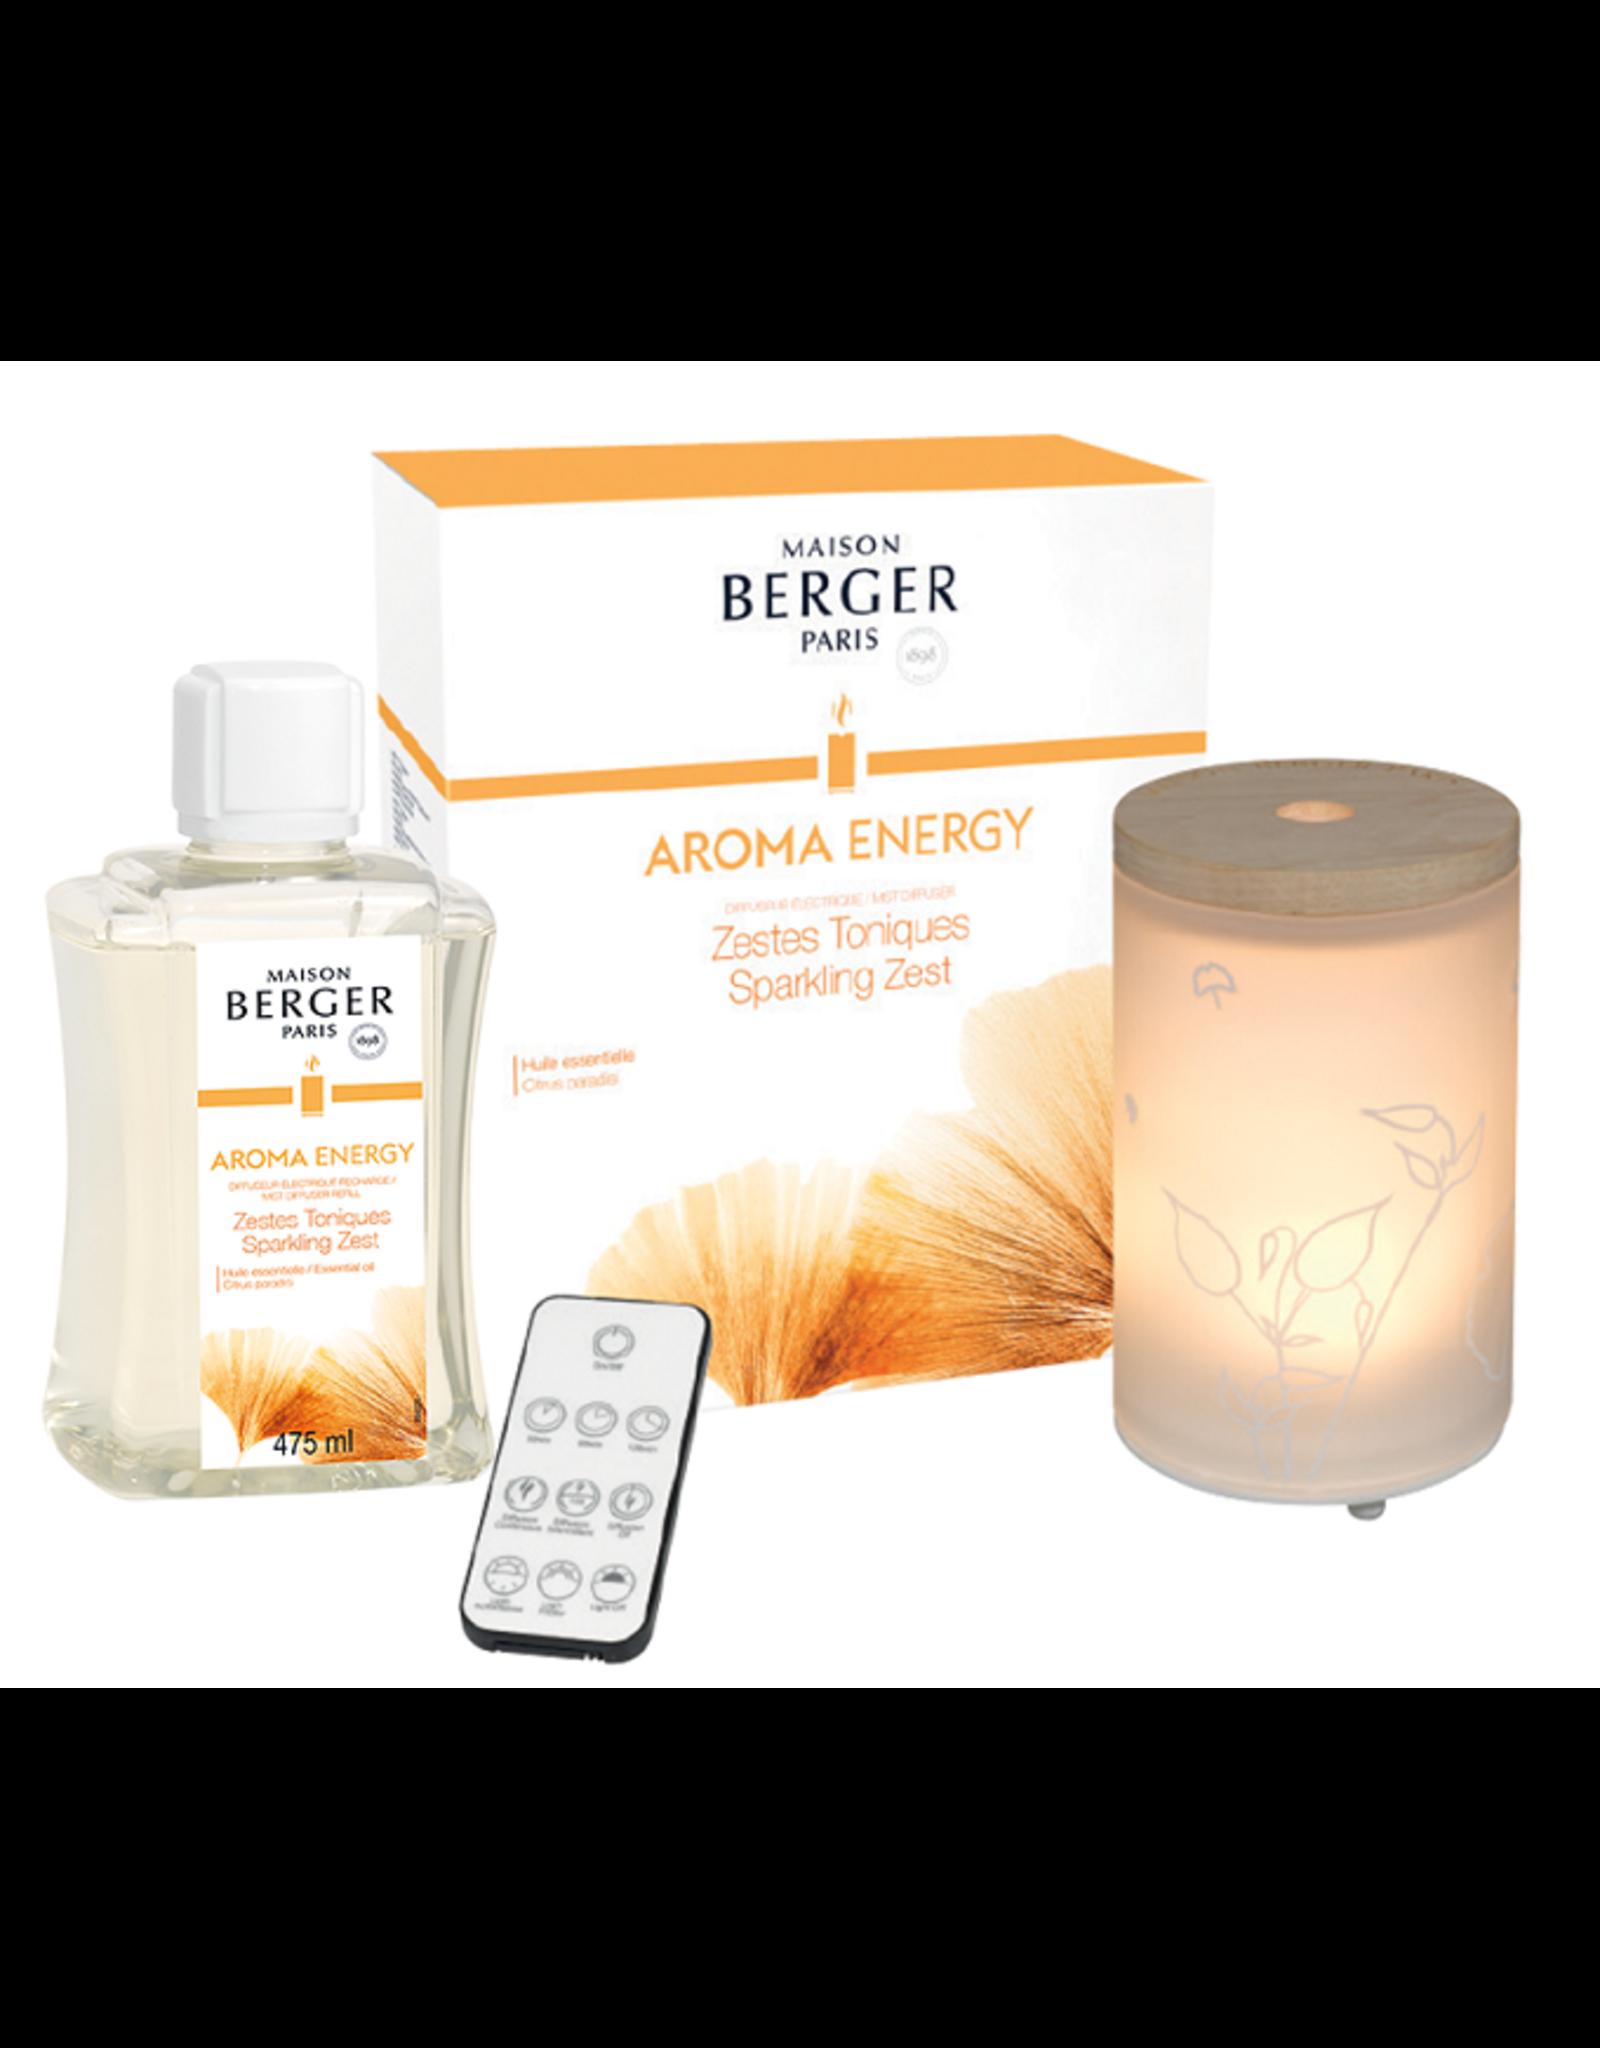 Maison Berger Maison Berger. Mist Diffuser Aroma Energy - Zestes toniques / Sparkling zest